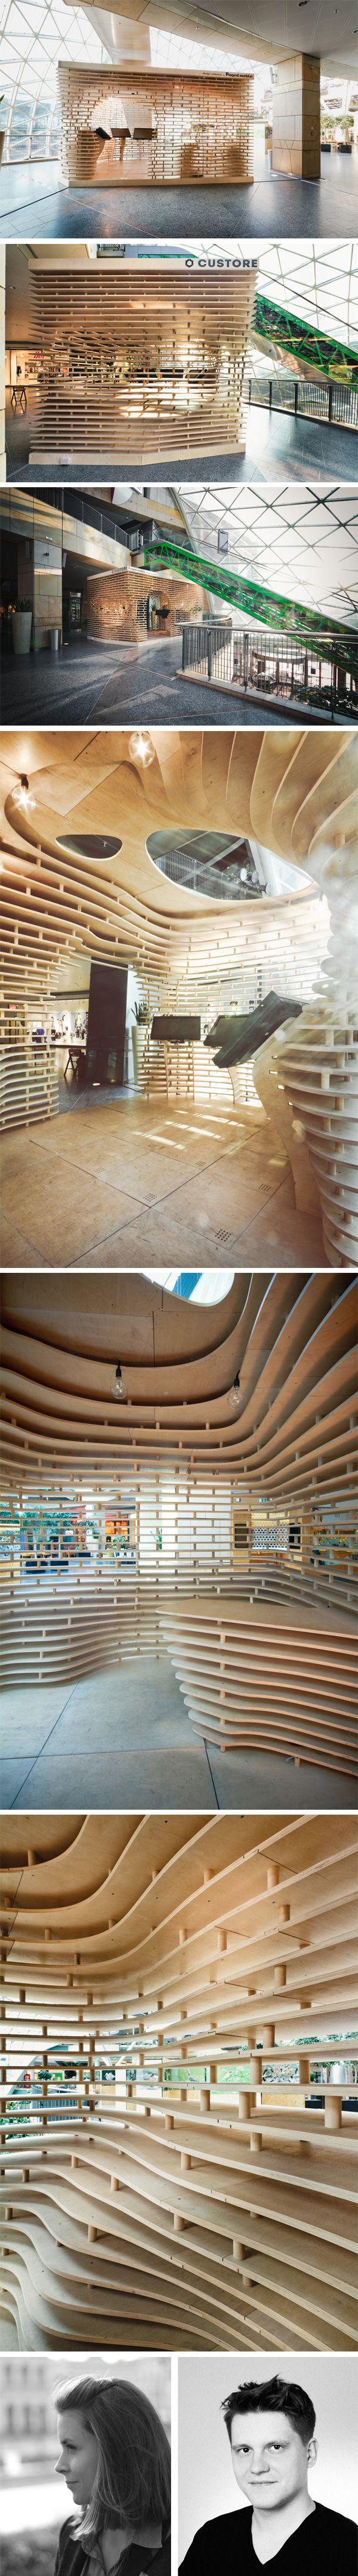 Custore-Pavilion par Anna Dobek et Mateusz Wojcicki Custore Pavilion explore les domaines de l'architecture paramétrique.Entièrement en #CONTREPLAQUE, l'enveloppe striée de ce concept store abrite un espace avec des écrans tactiles pour présenter les produits et un espace pour une galerie d'art. Assemblage de #CONTREPLAQUE.